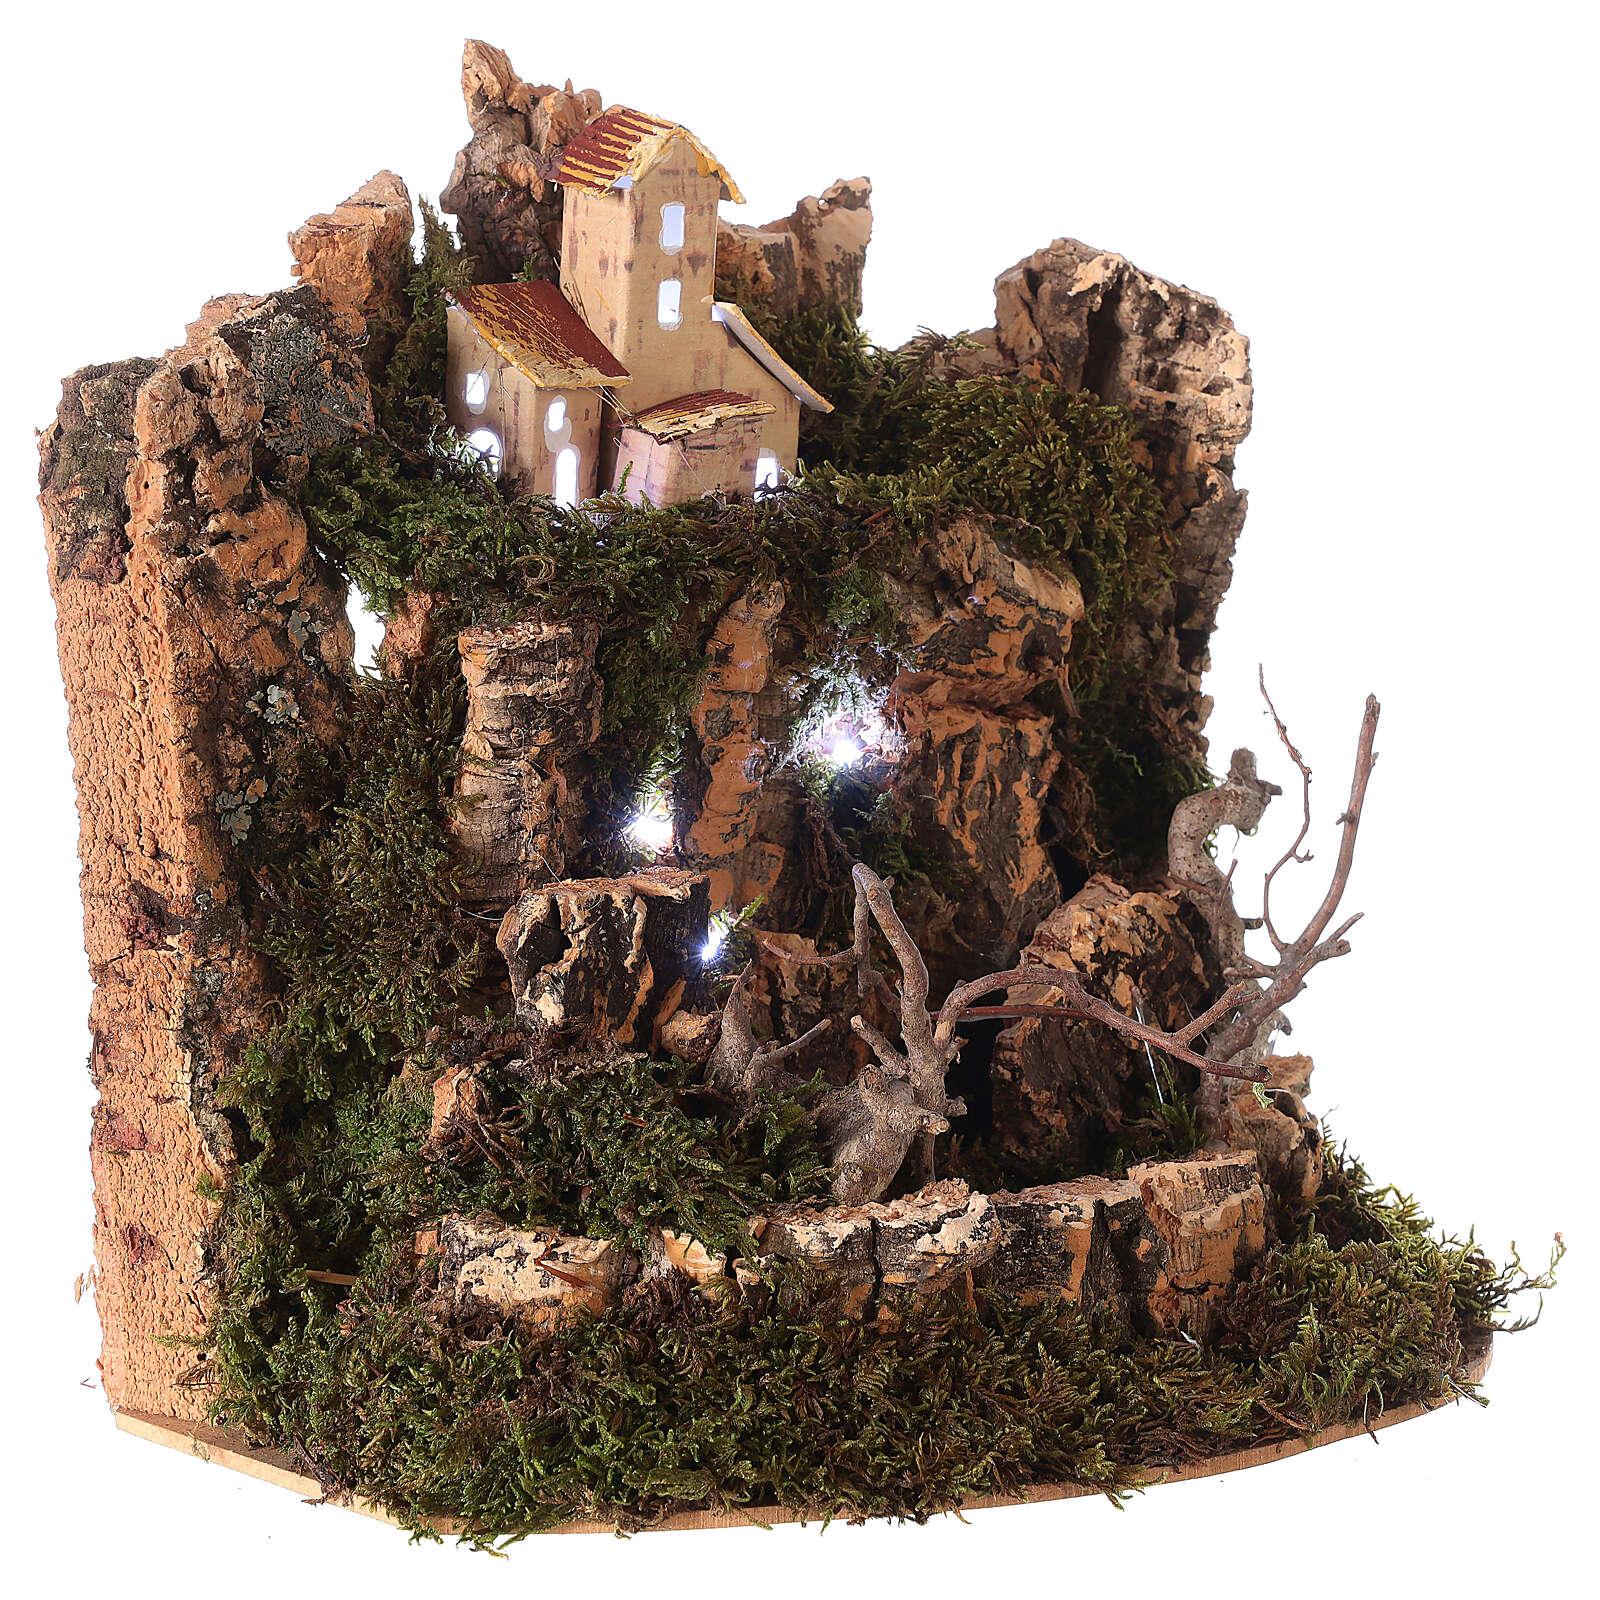 Paesaggio presepe con luci 25x20x25 per statue 10-12 cm 4